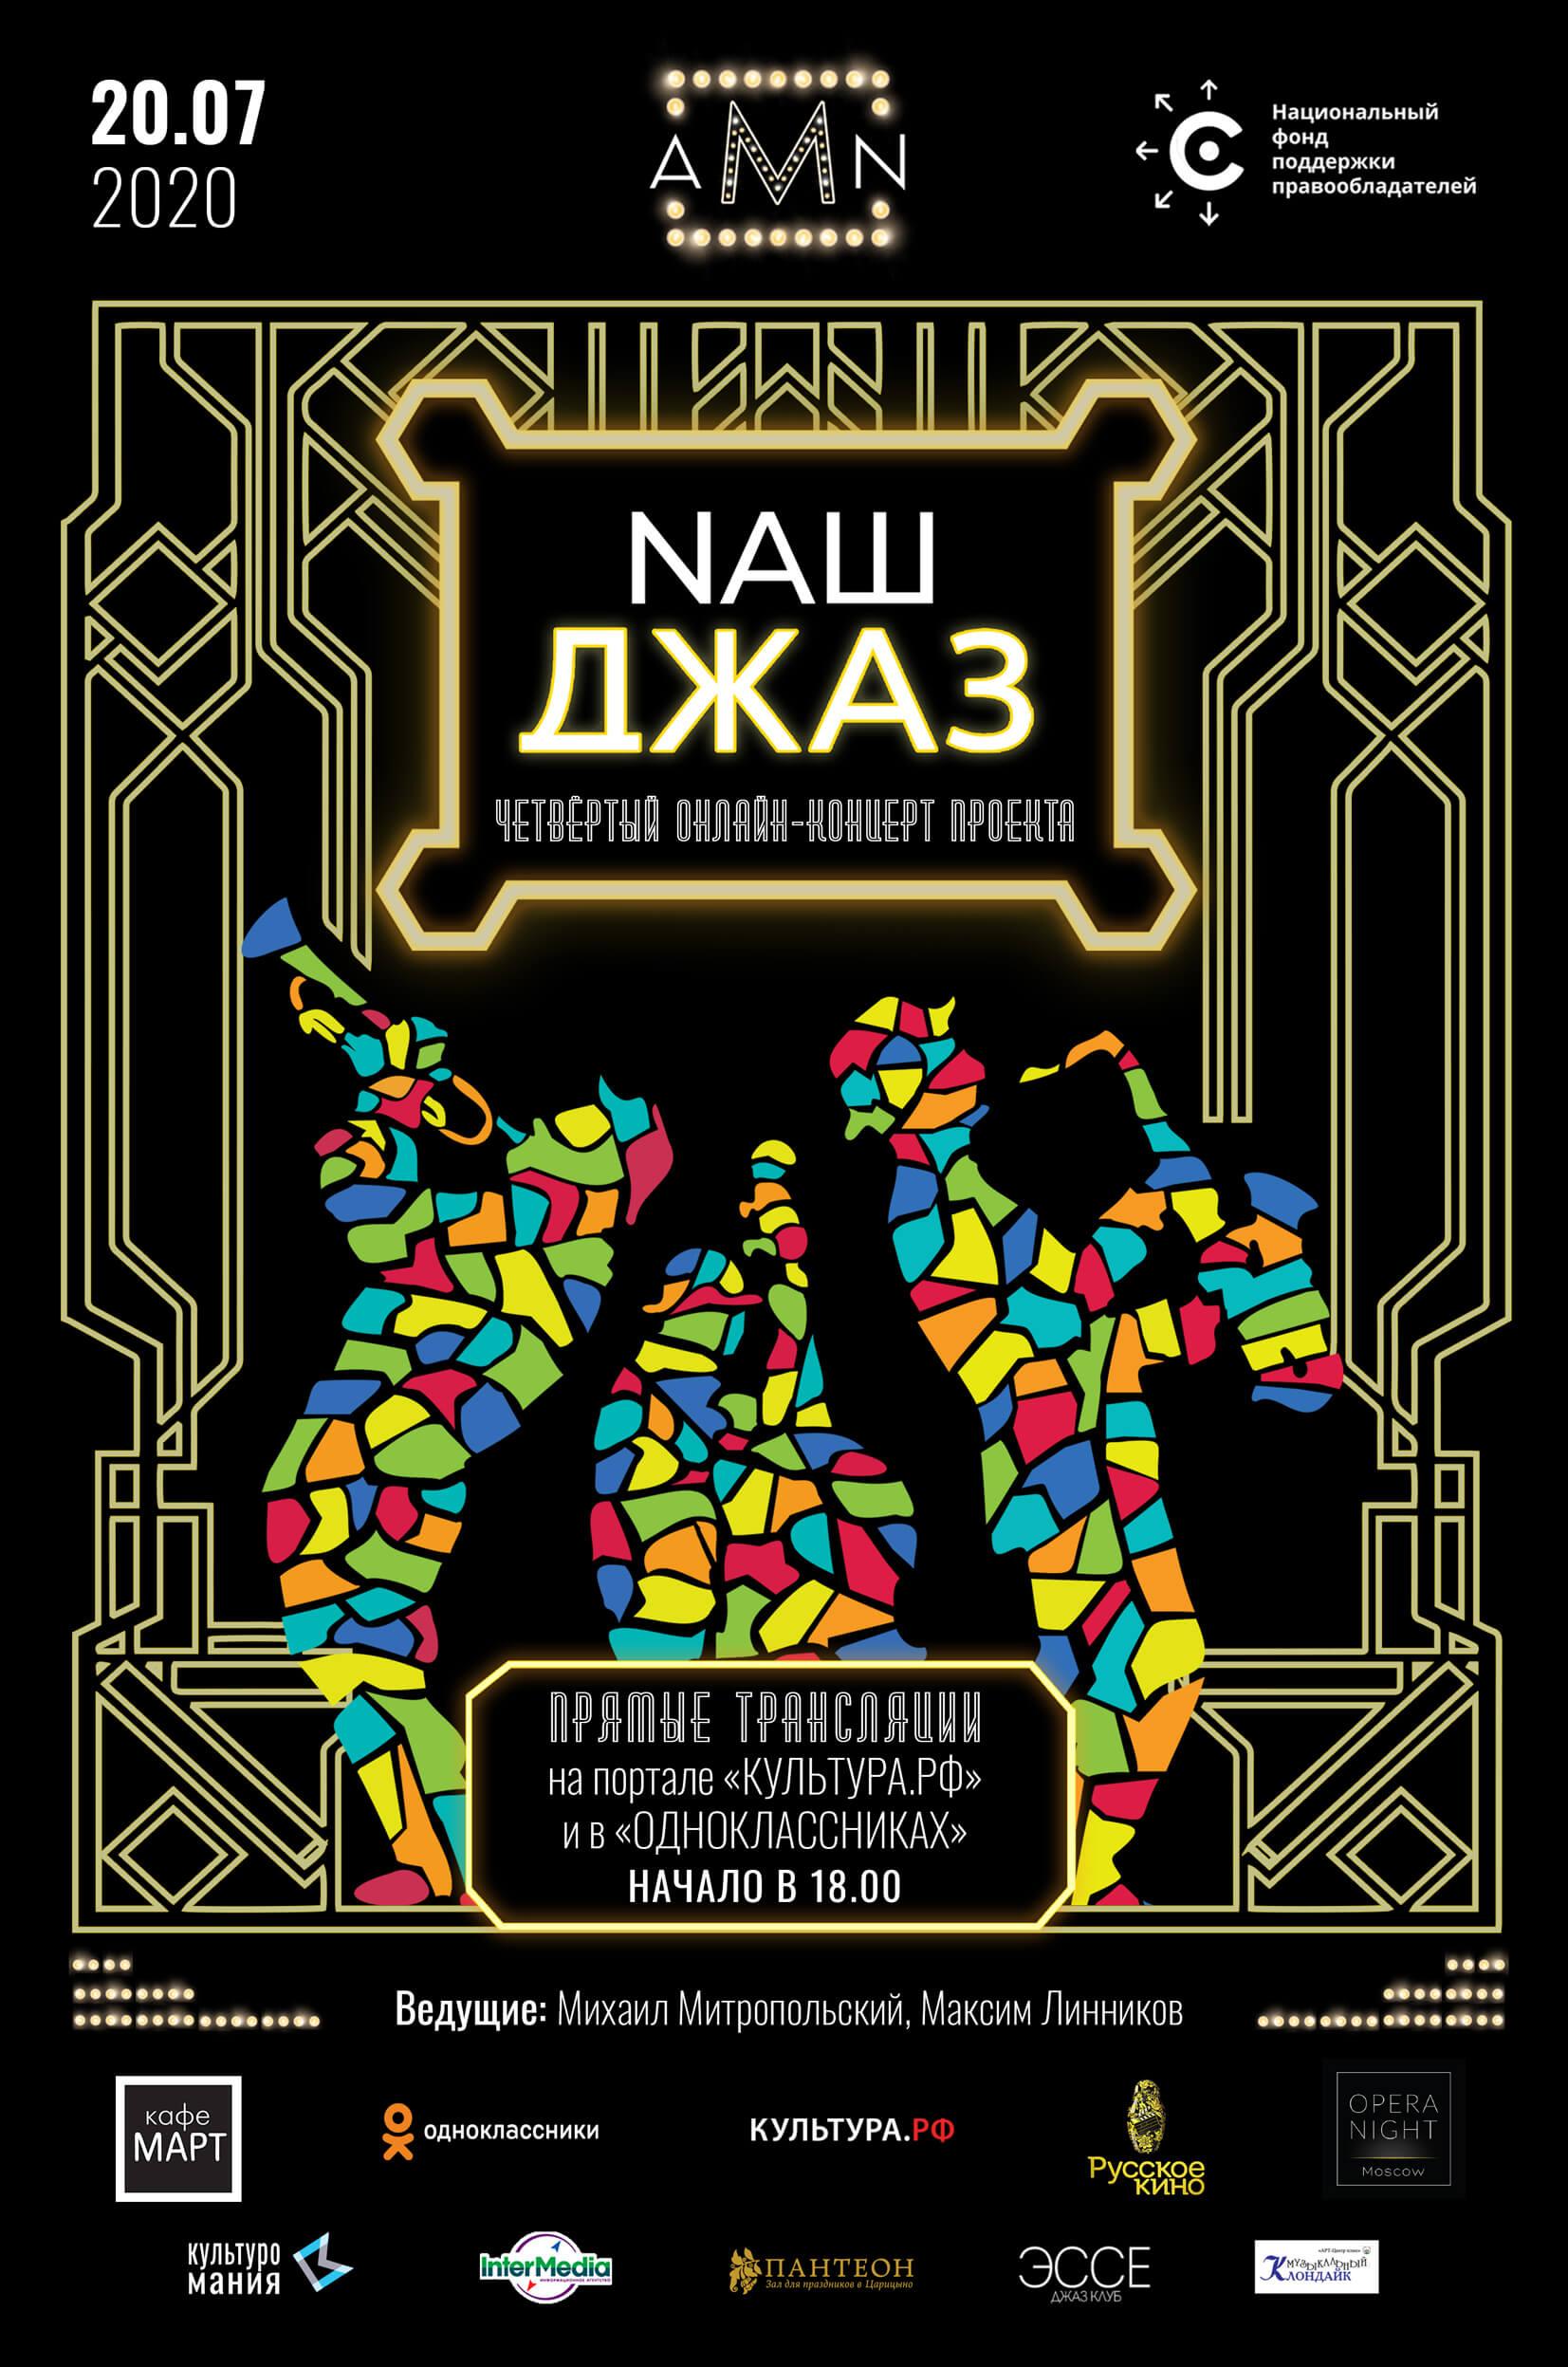 Chess Knock, ProJazz.Group и Трио Виктора Чаплыгина выступят на конкурсе «Arena Moscow Night. Наш джаз»